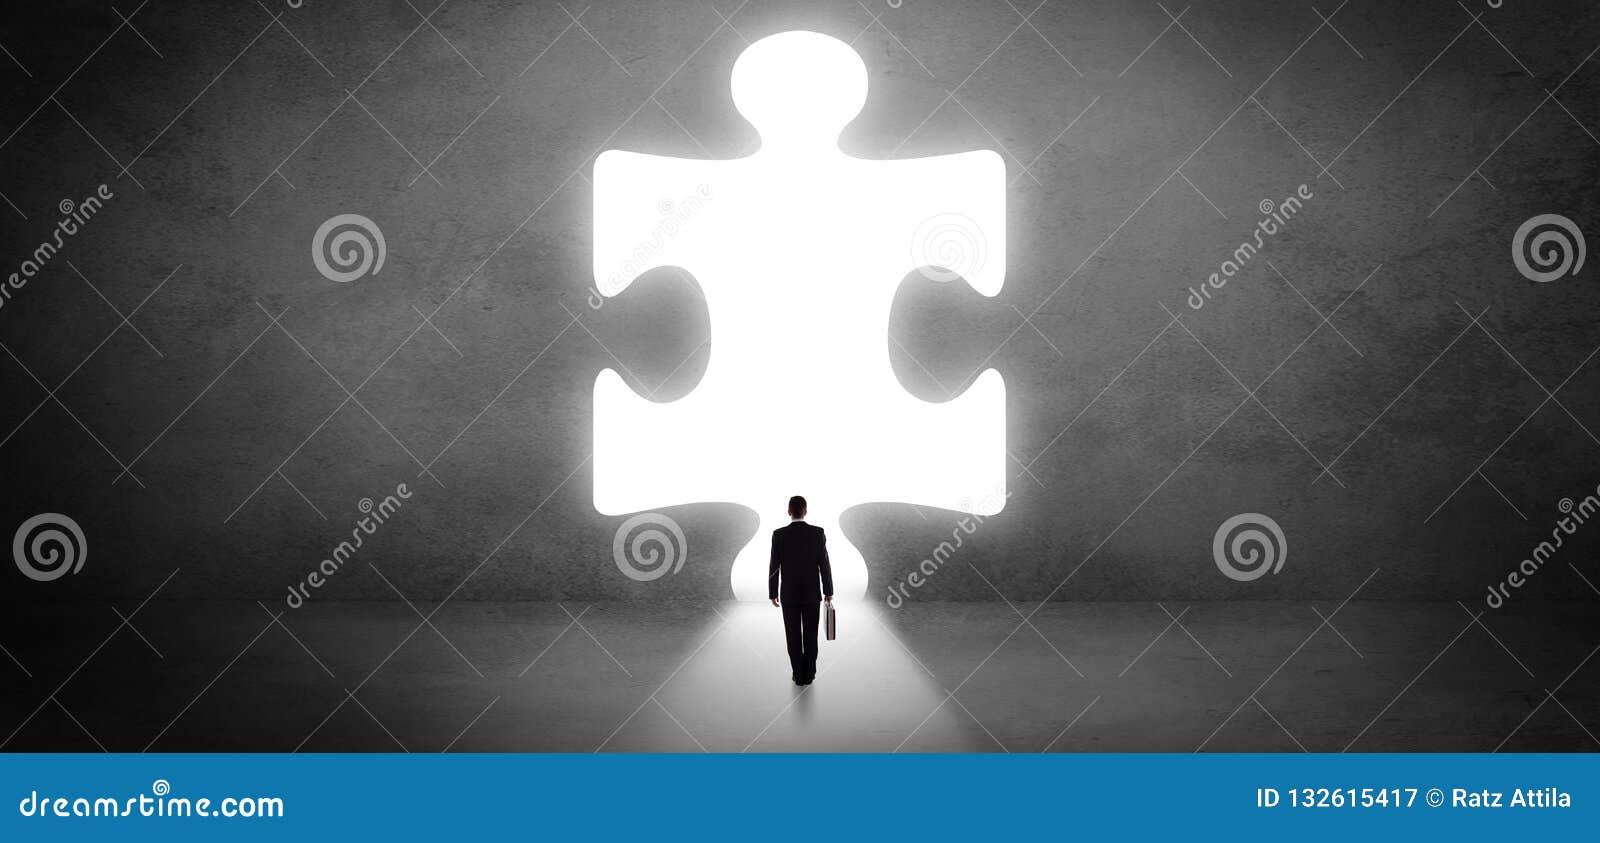 Επιχειρηματίας που στέκεται μπροστά από ένα μεγάλο κομμάτι γρίφων